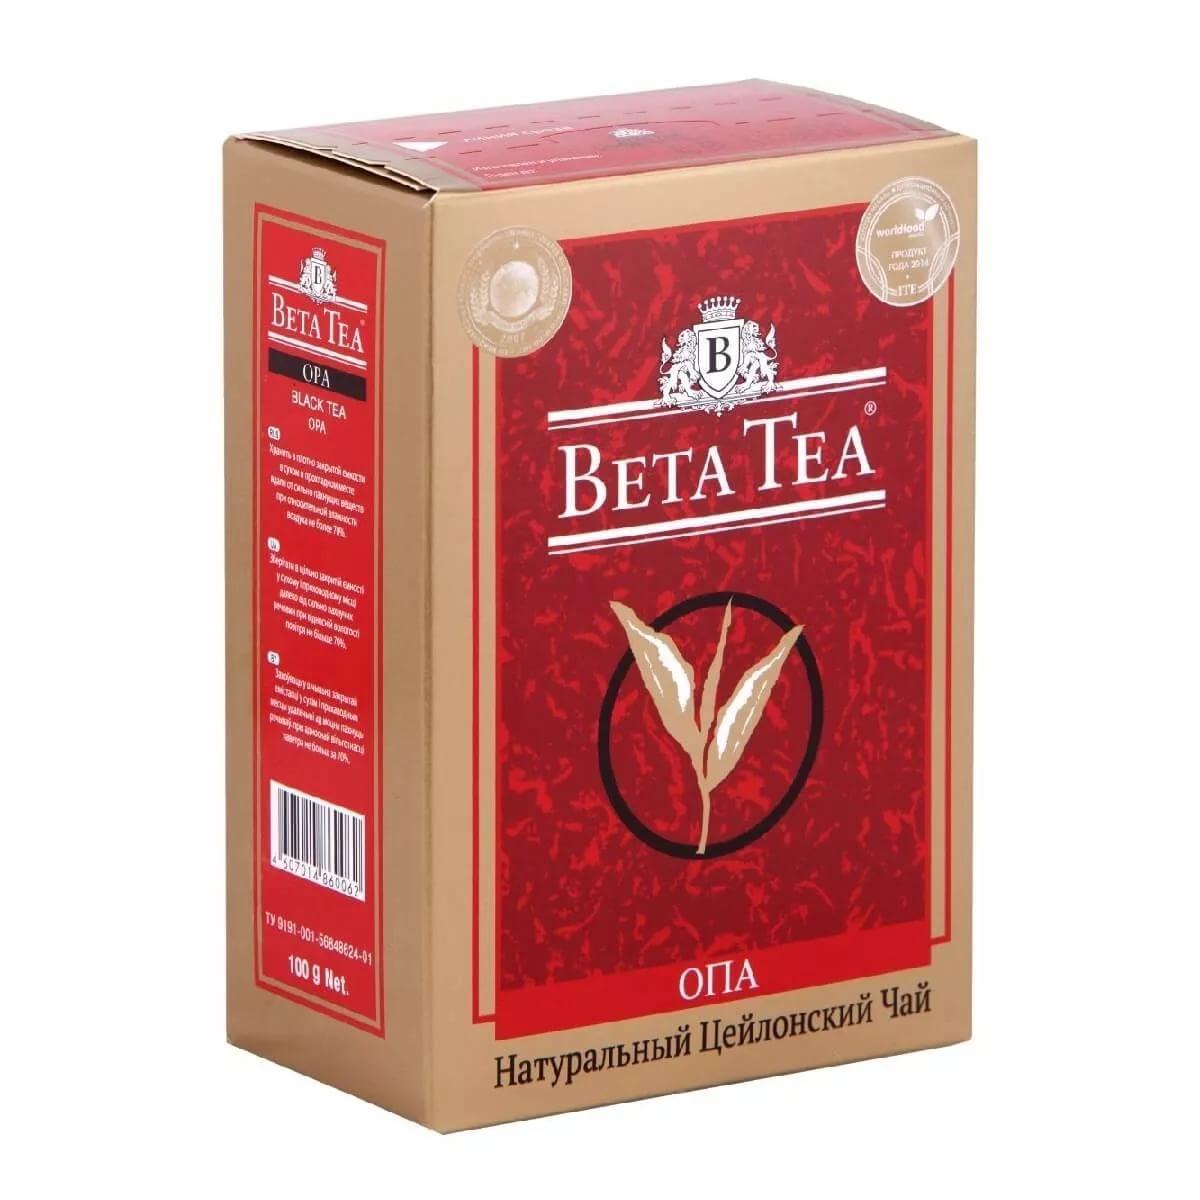 Чай Beta Tea Оpa черный 100 гр